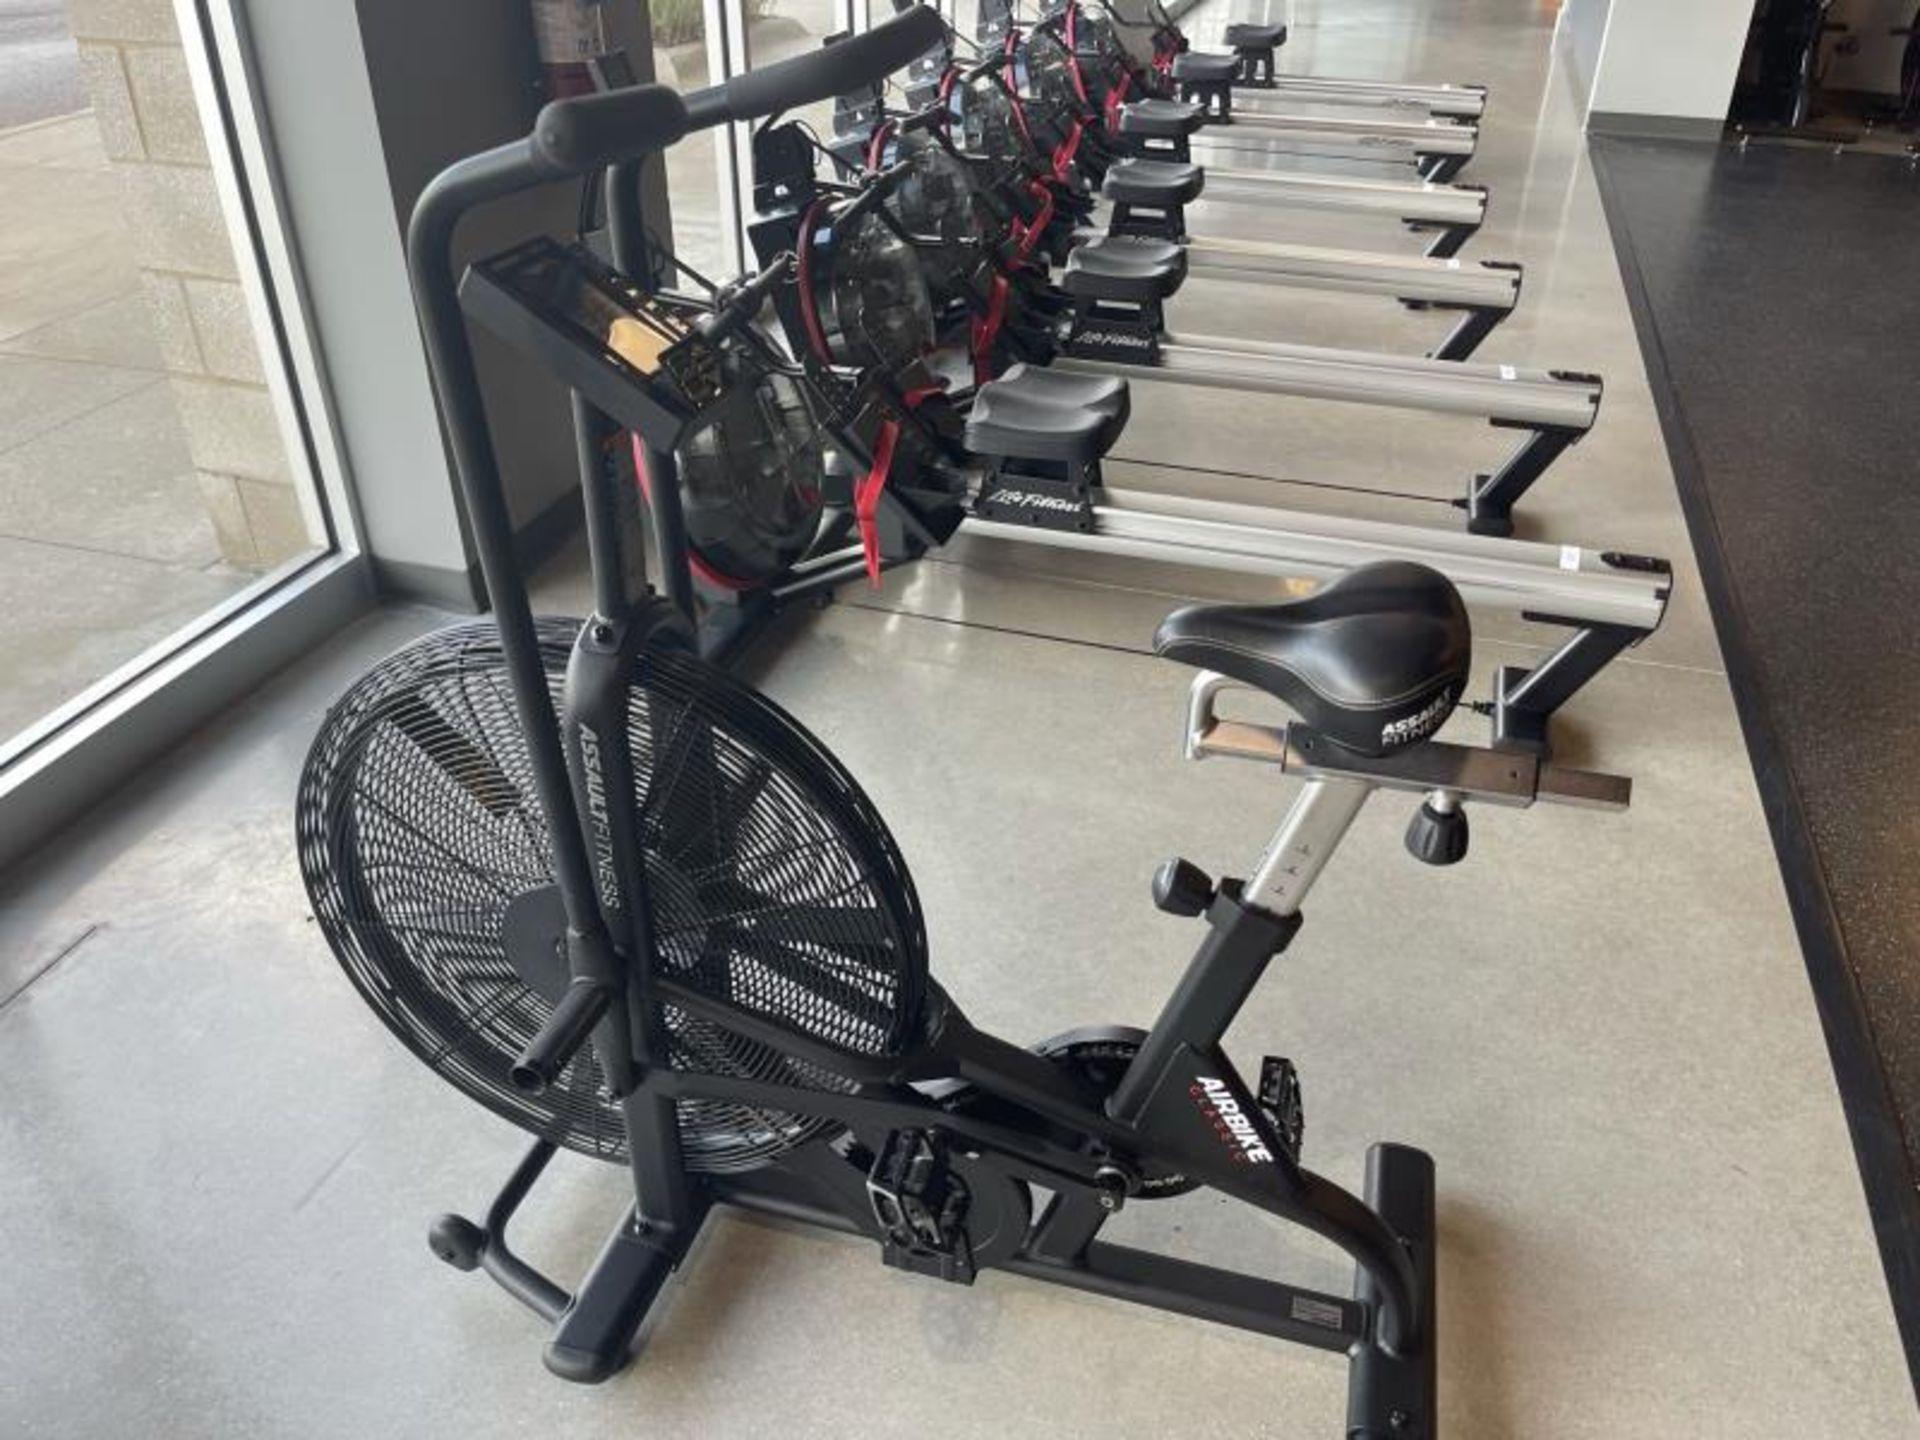 Assault Fitness Air Bike M: ASSAULTAIRBIKE - Image 2 of 7